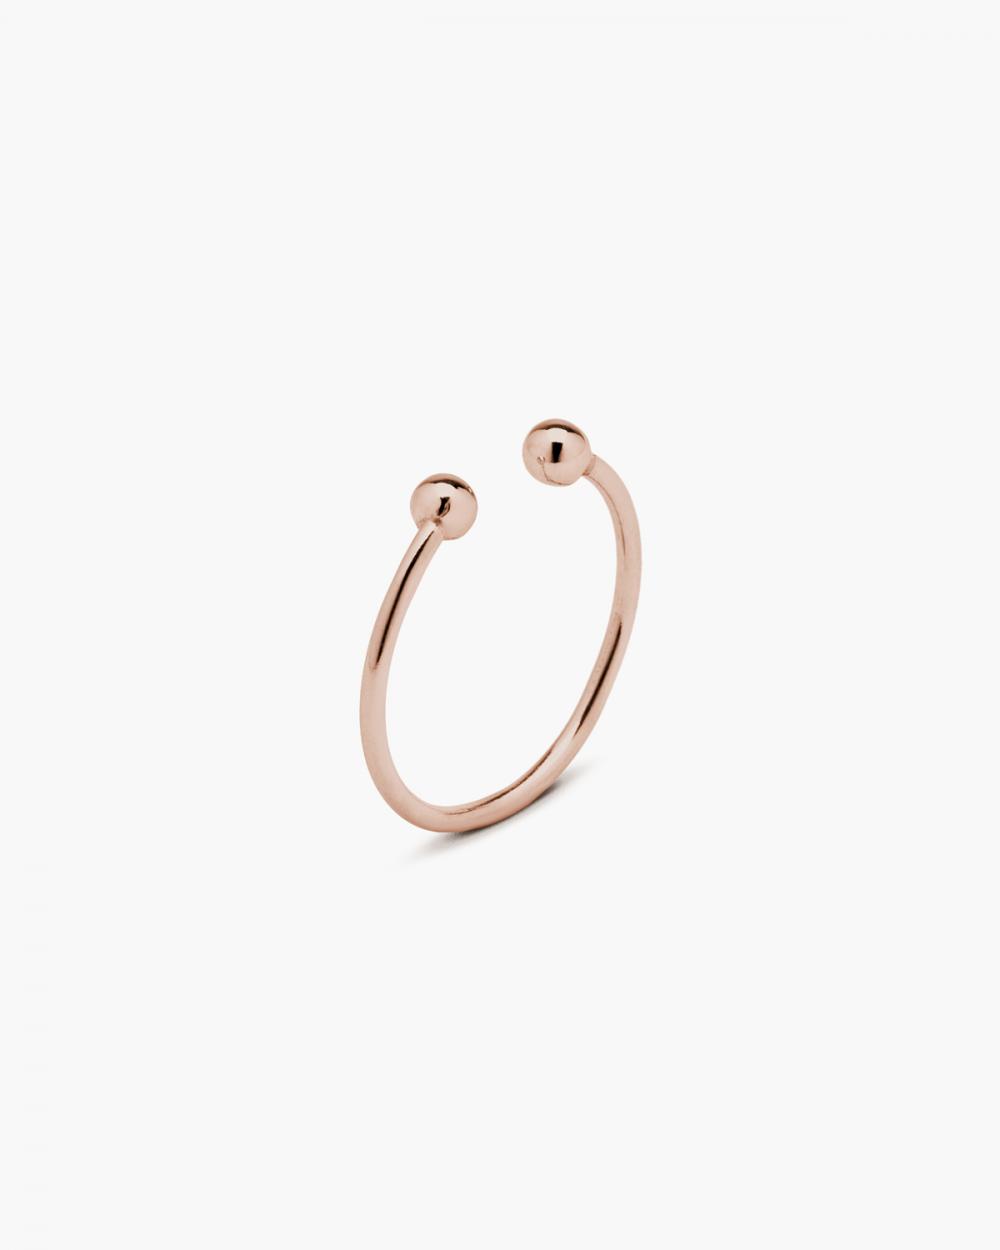 Rings PINK GOLD SPHERE PIERCING RING NOVE25